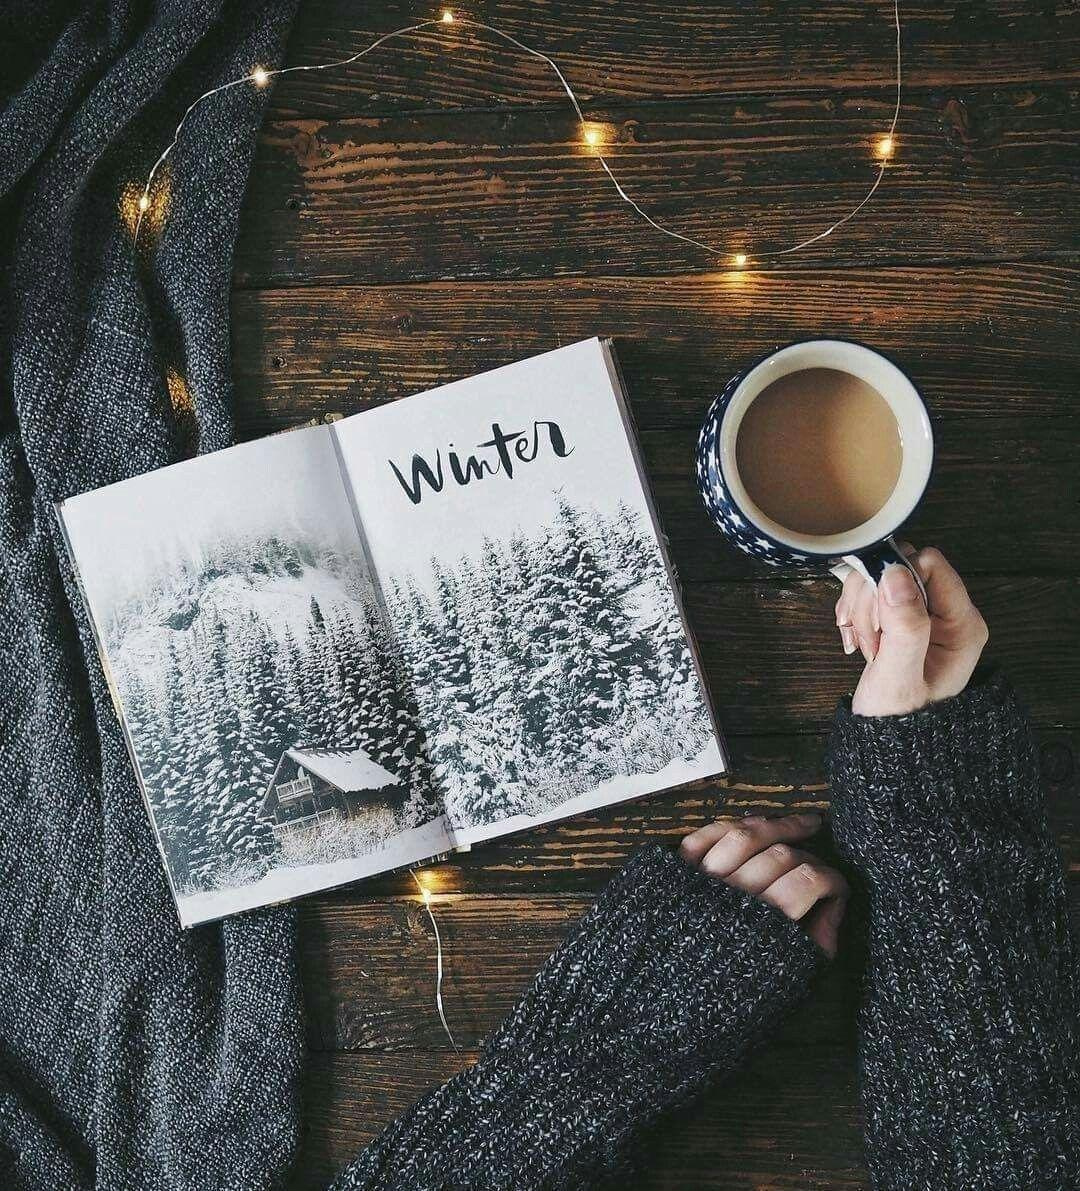 О пользе чтения книг   sherbakova.com